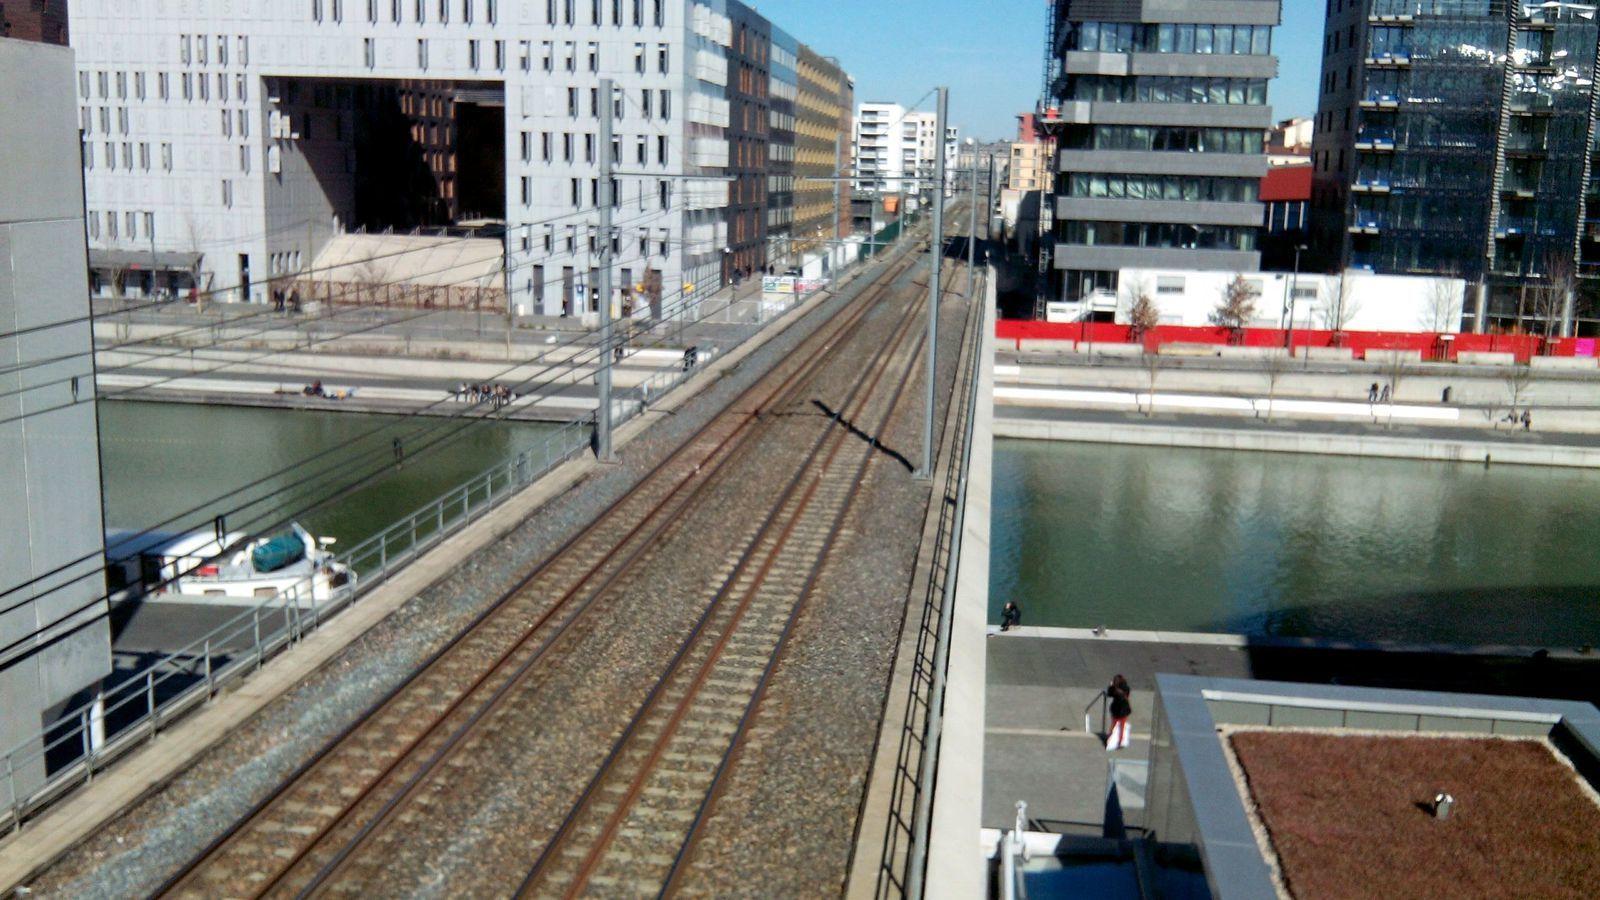 la voie ferrée qui passe entre les immeubles !!